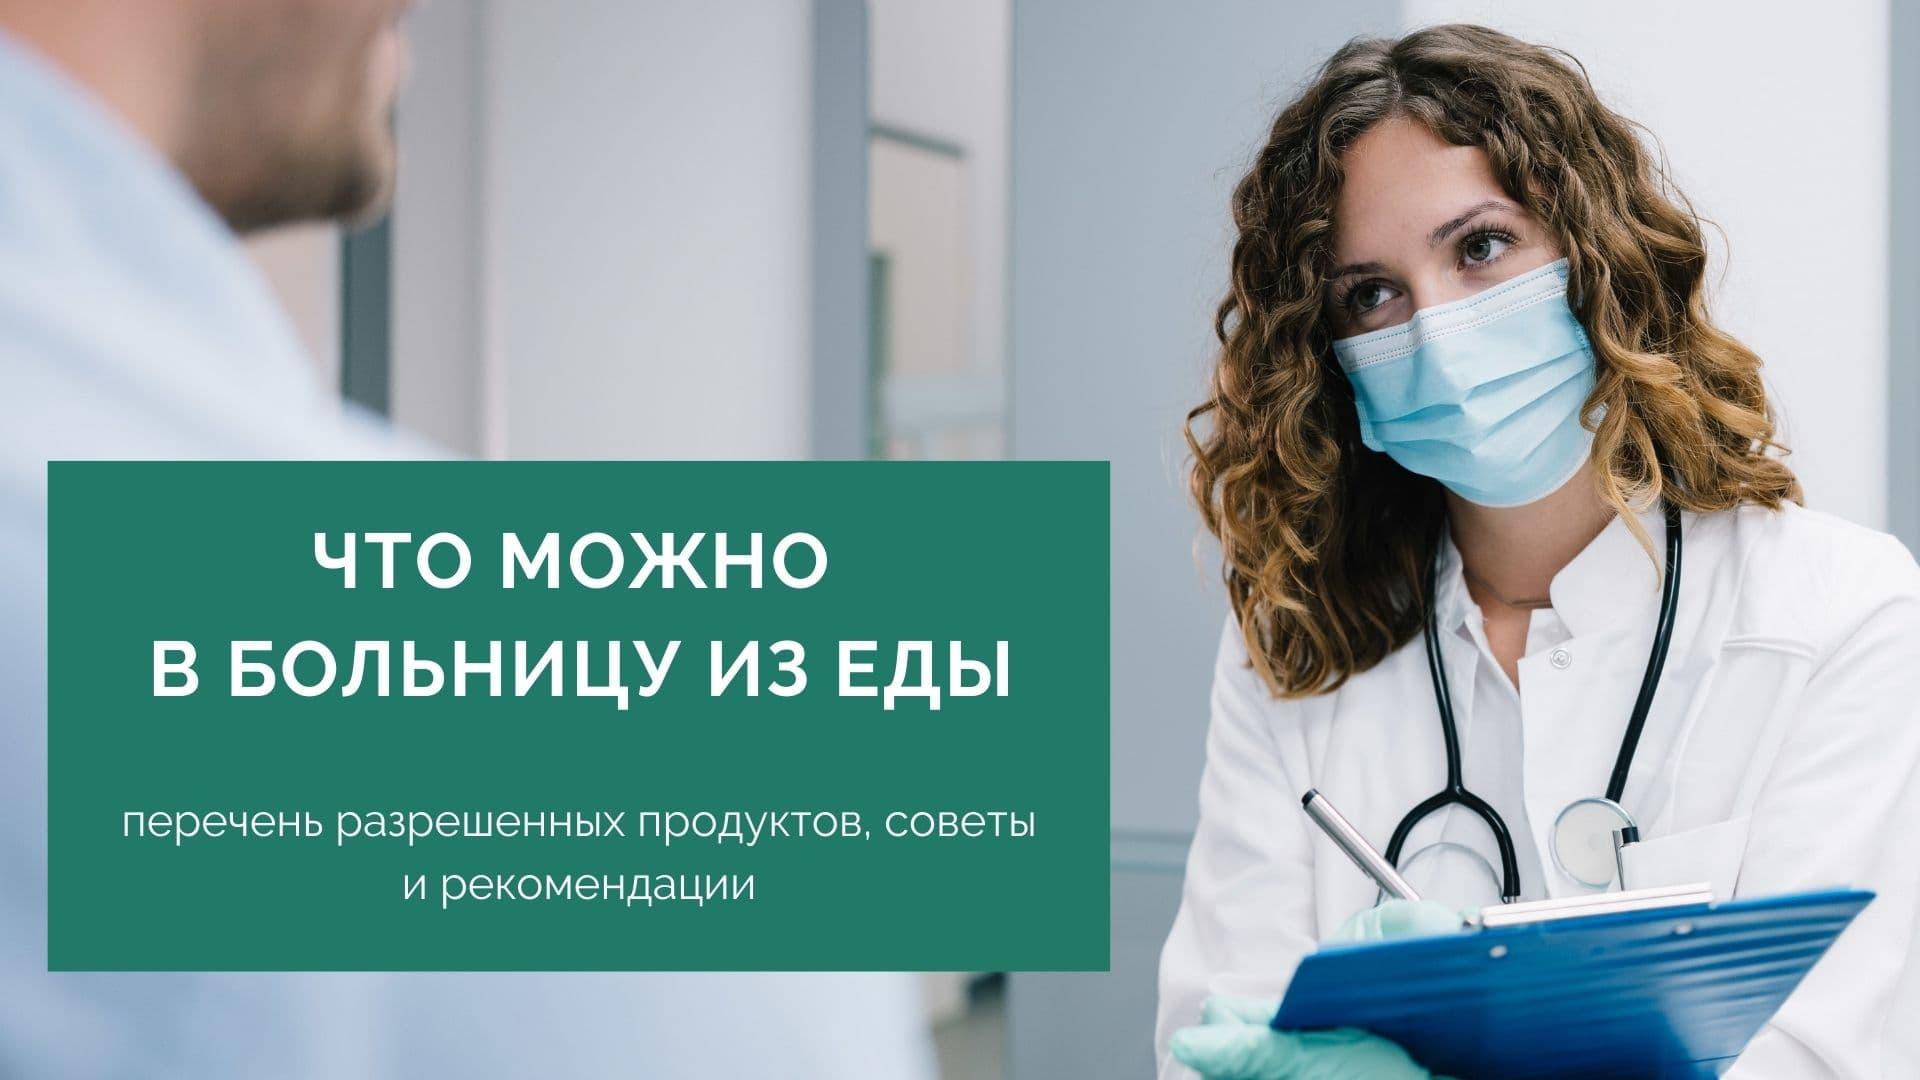 Что можно в больницу из еды: перечень разрешенных продуктов, советы и рекомендации